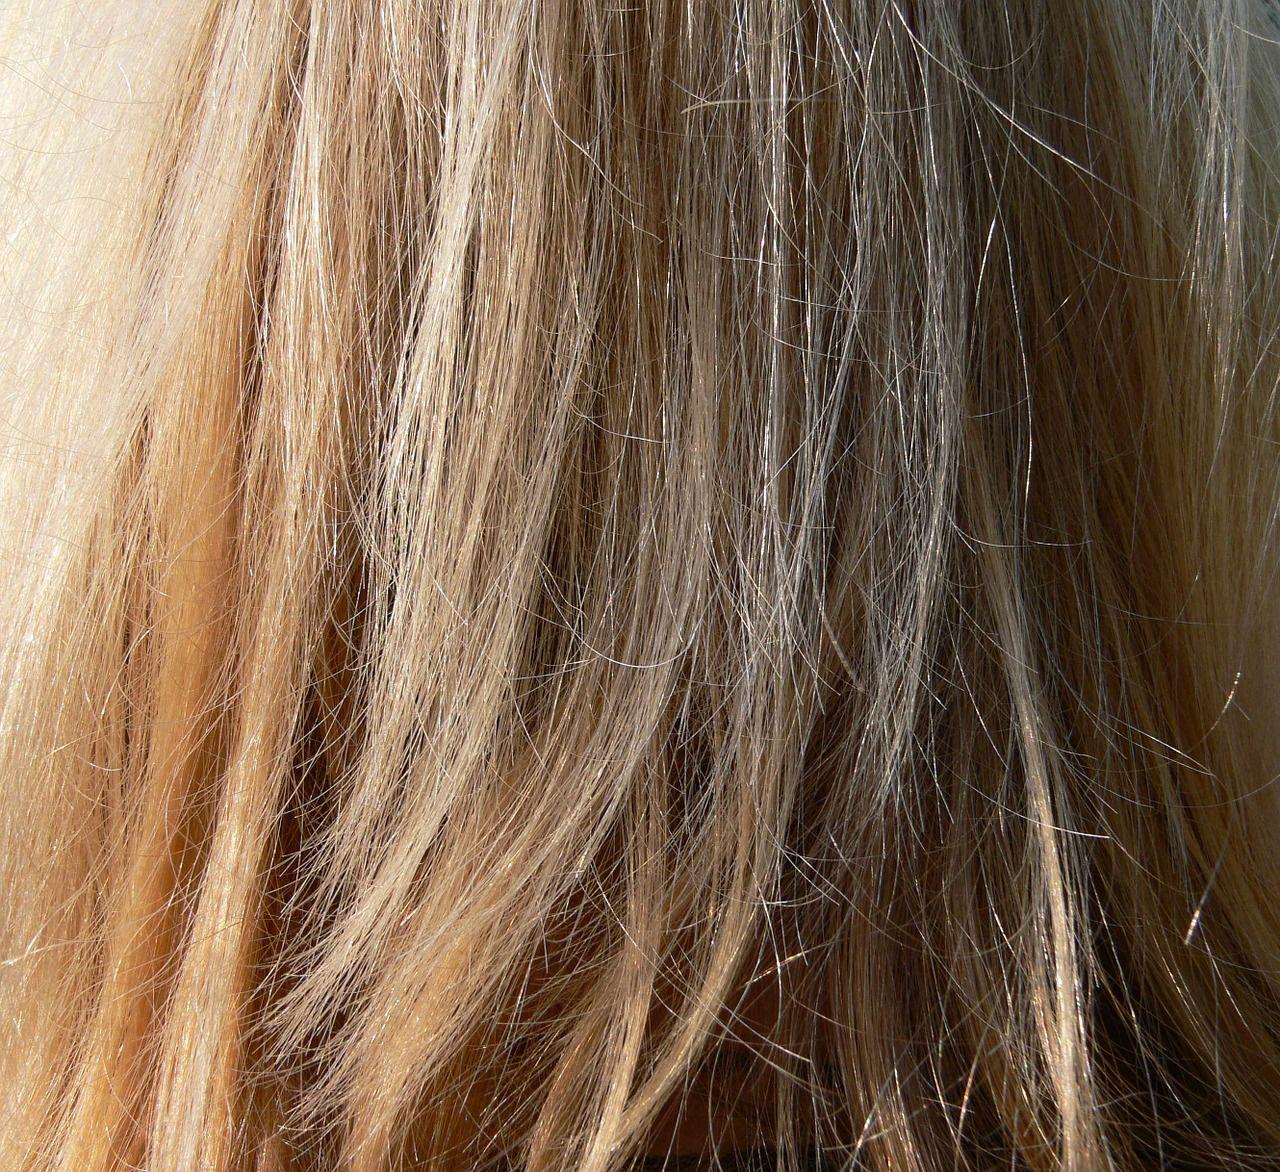 Jakimi metodami przedłuża się włosy?